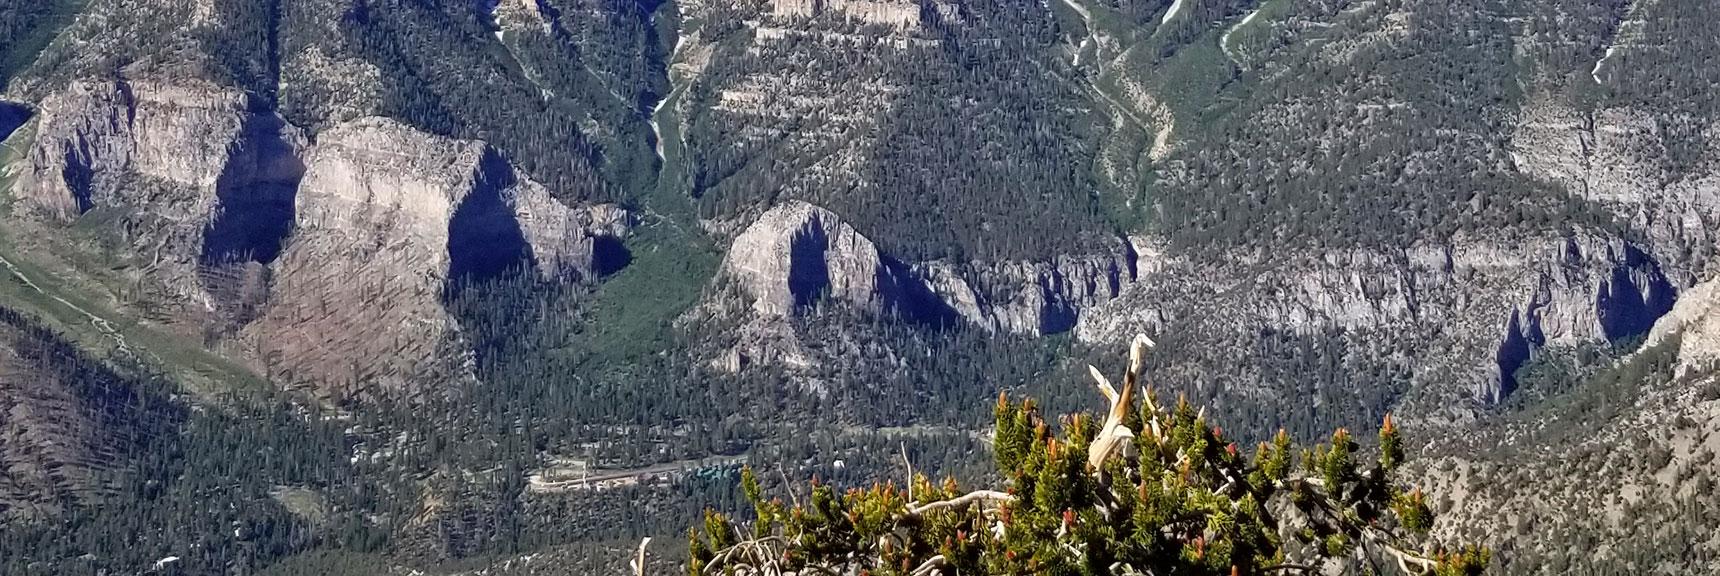 Cathedral Rock Viewed from Fletcher Peak in Mt. Charleston Wilderness, Nevada